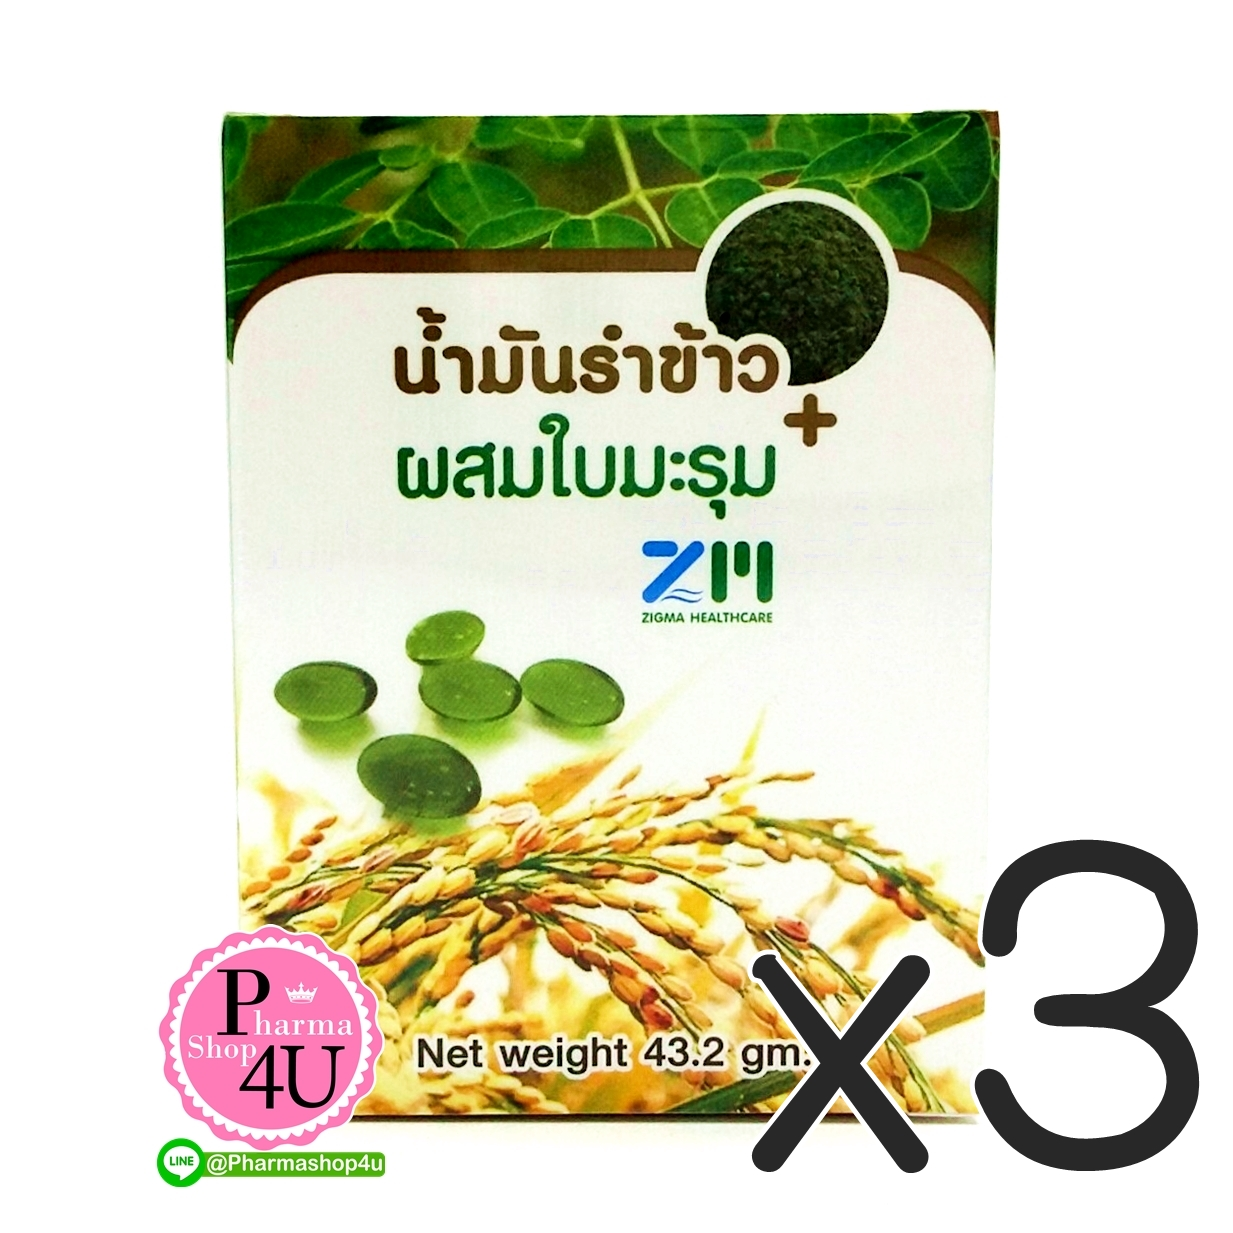 (ซื้อ3 ราคาพิเศษ) Zigma HealthCare Rice Bran Oil Plus 60 แคปซูล ซิกม่า เฮลท์แคร์ ไรซ์ บราน ออยล์ พลัส ช่วยให้ผิวยืดหยุ่น เต่งตึง ลดจุดด่างดำ